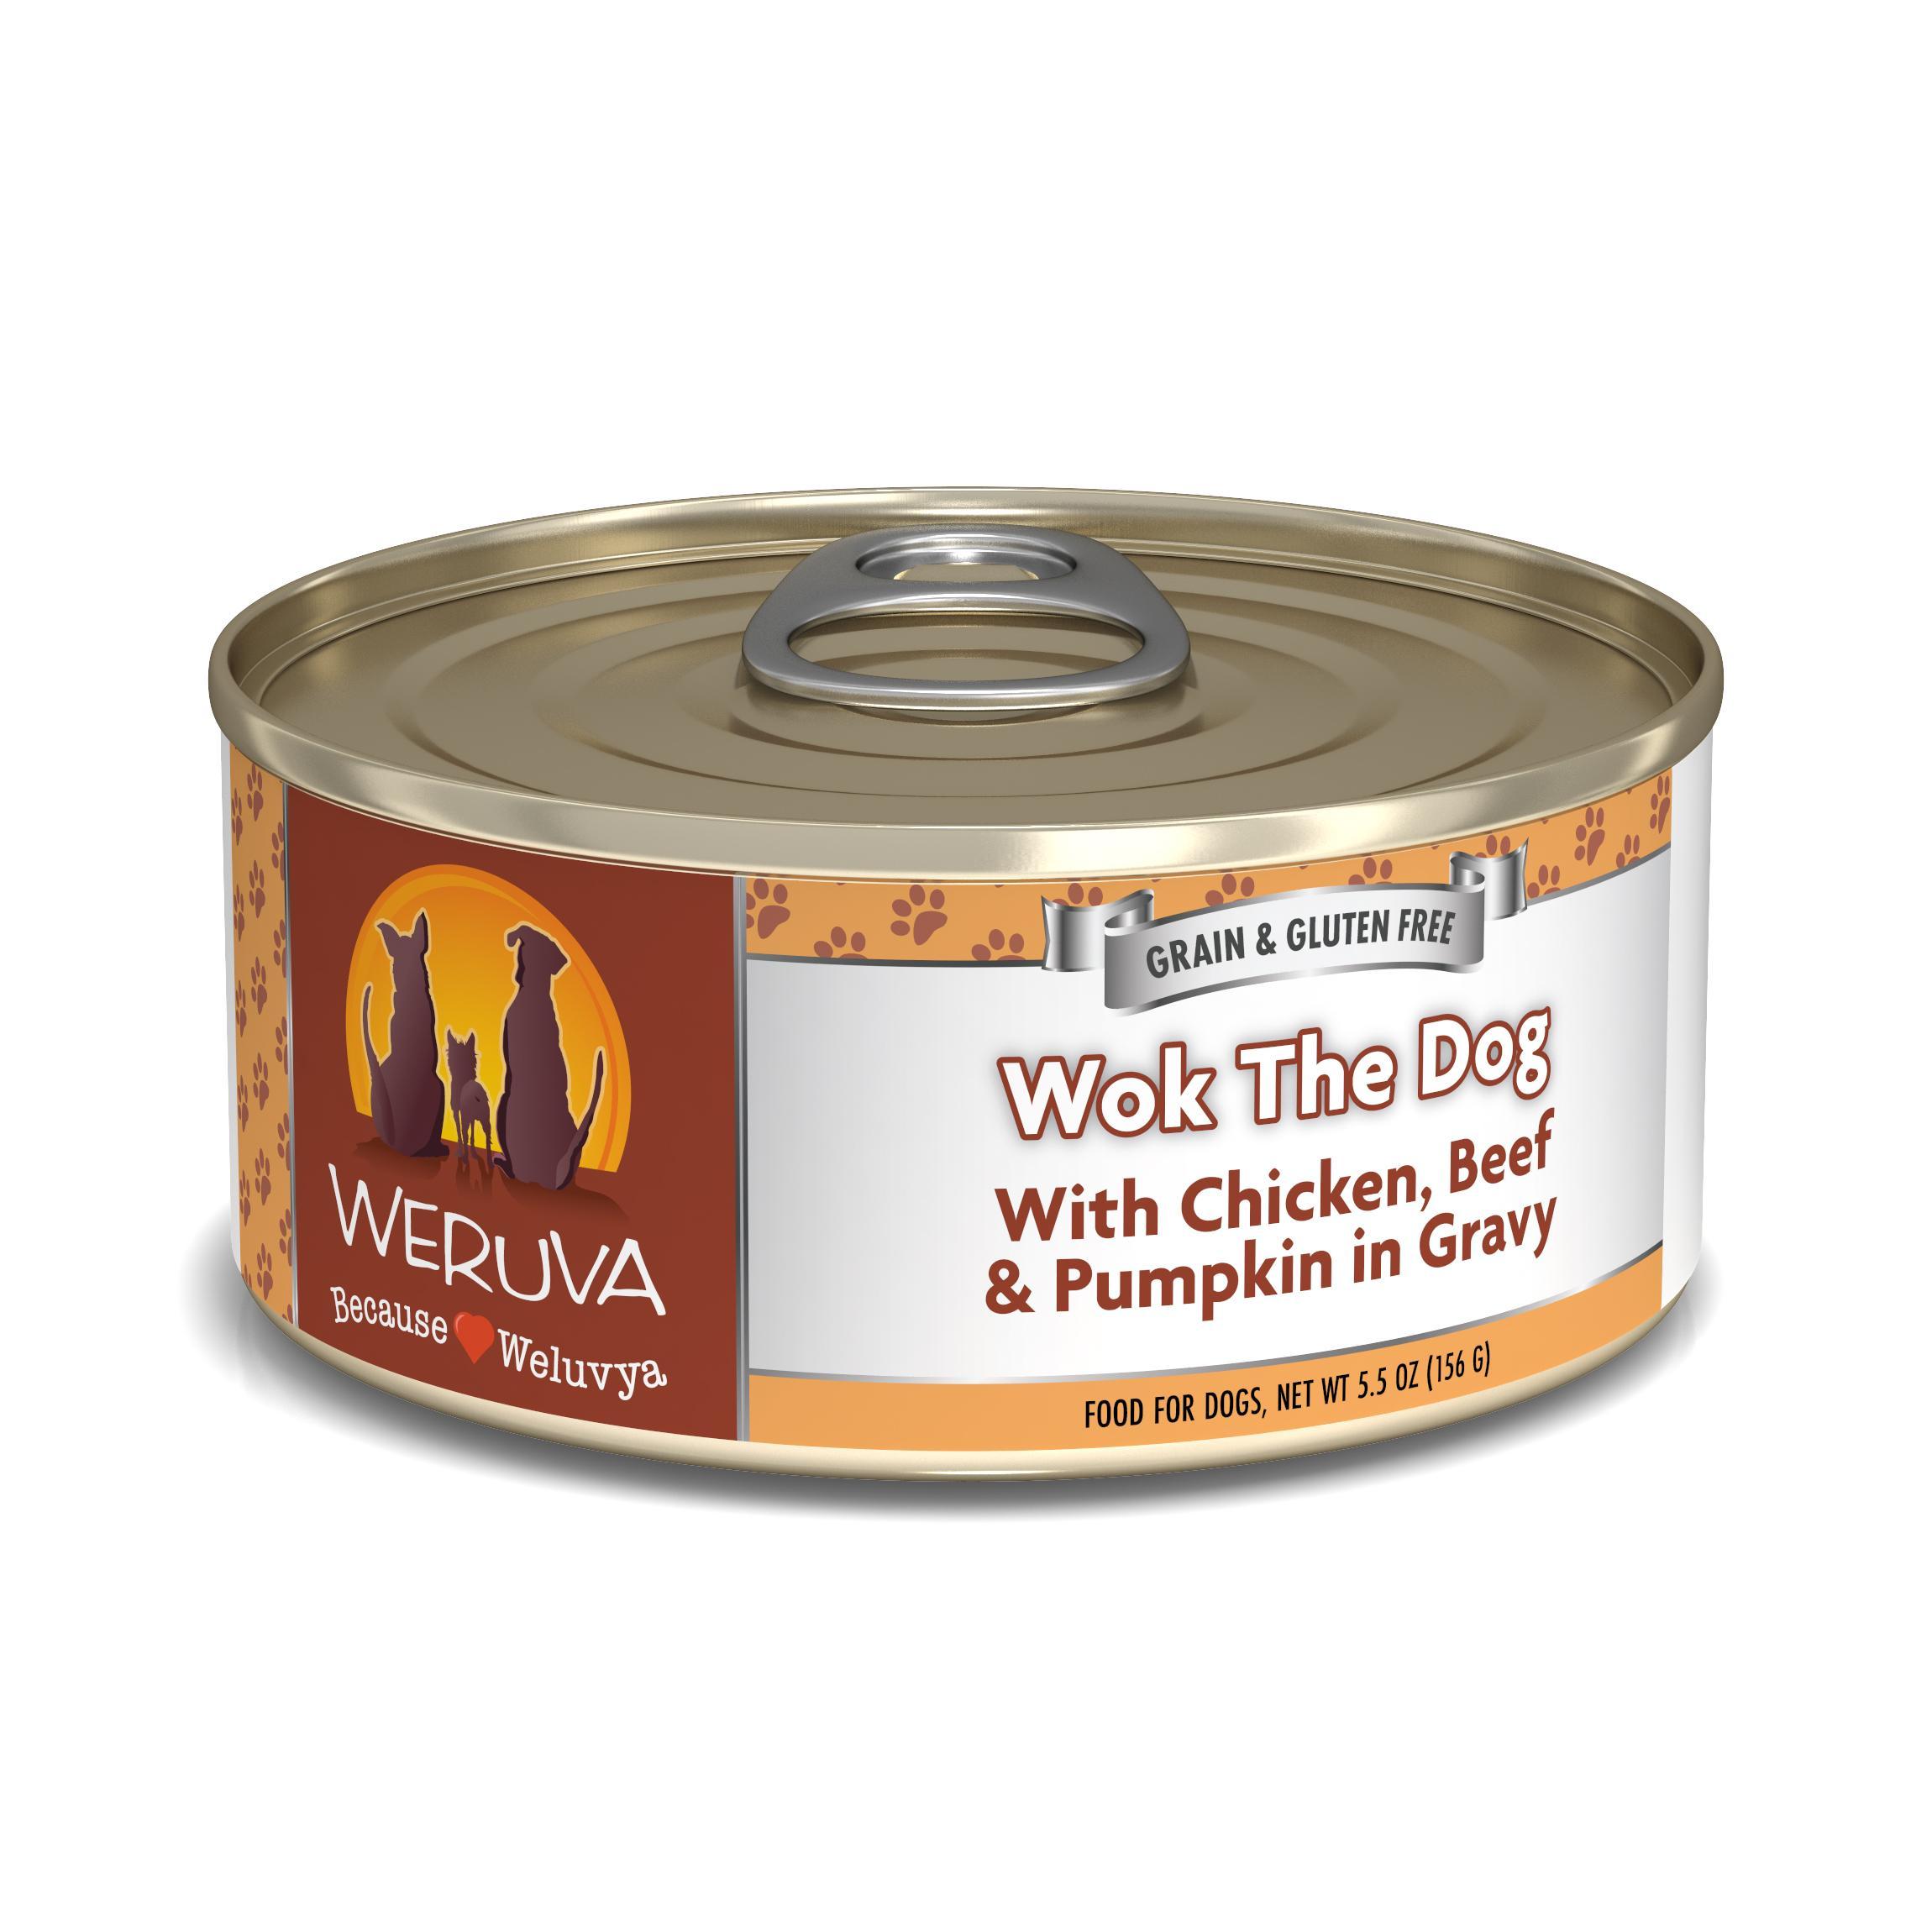 Weruva Dog Classic Wok the Dog with Chicken, Beef & Pumpkin in Gravy Grain-Free Wet Dog Food Image